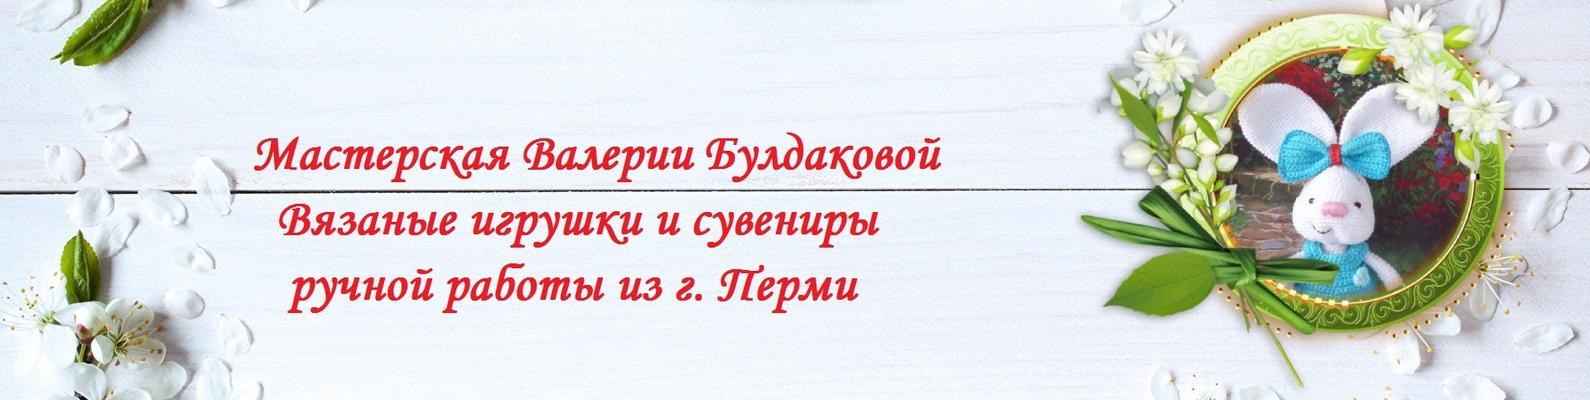 686d58e789c Вязаные игрушки и сувениры из г. Перми